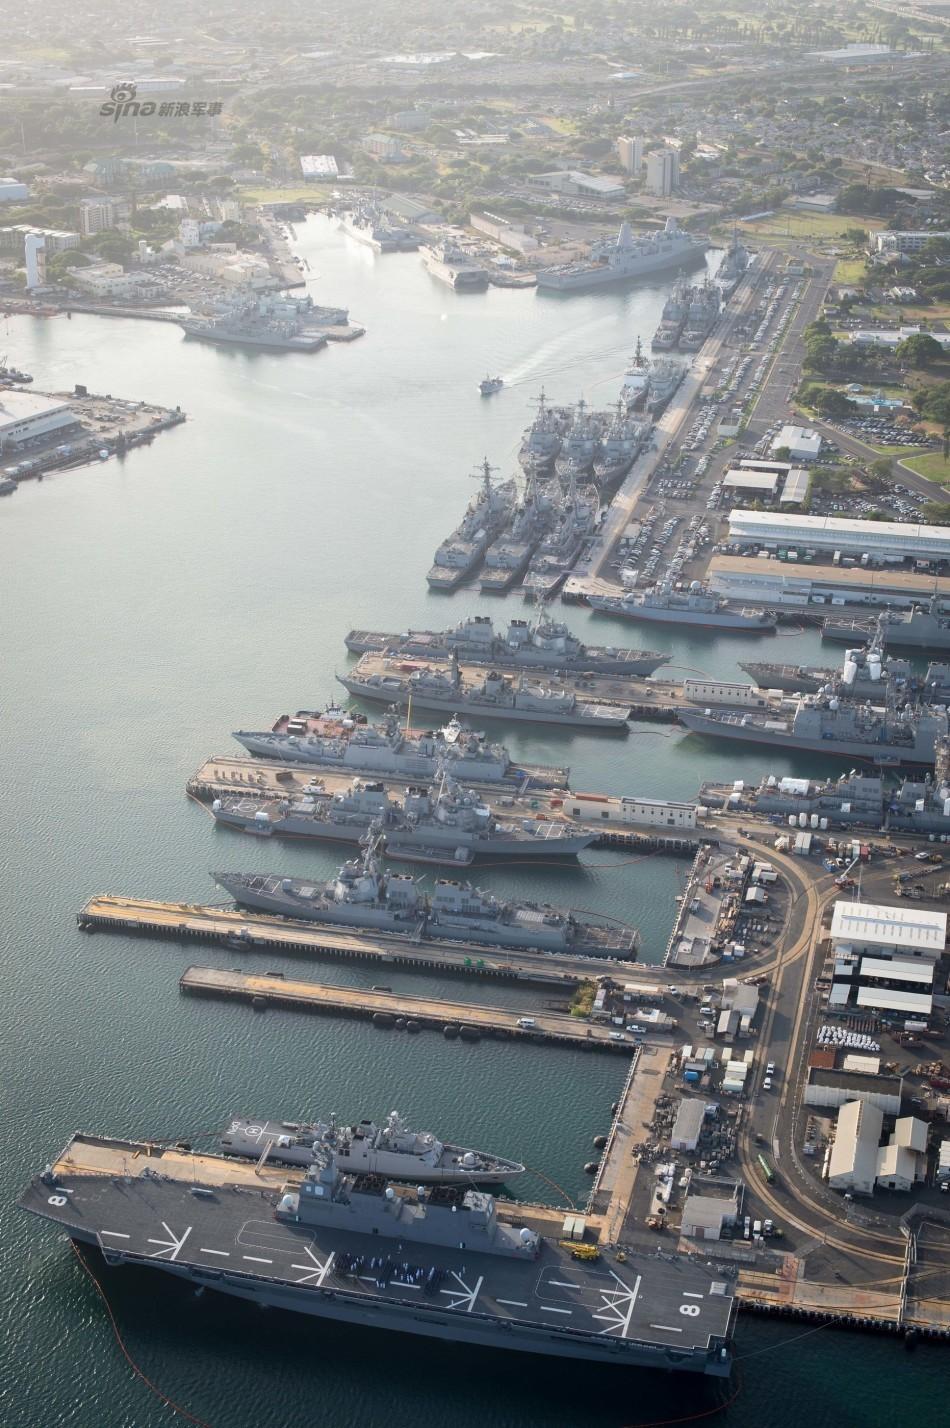 珍珠港鸟瞰高清图:中国舰队成排停靠霸气十足